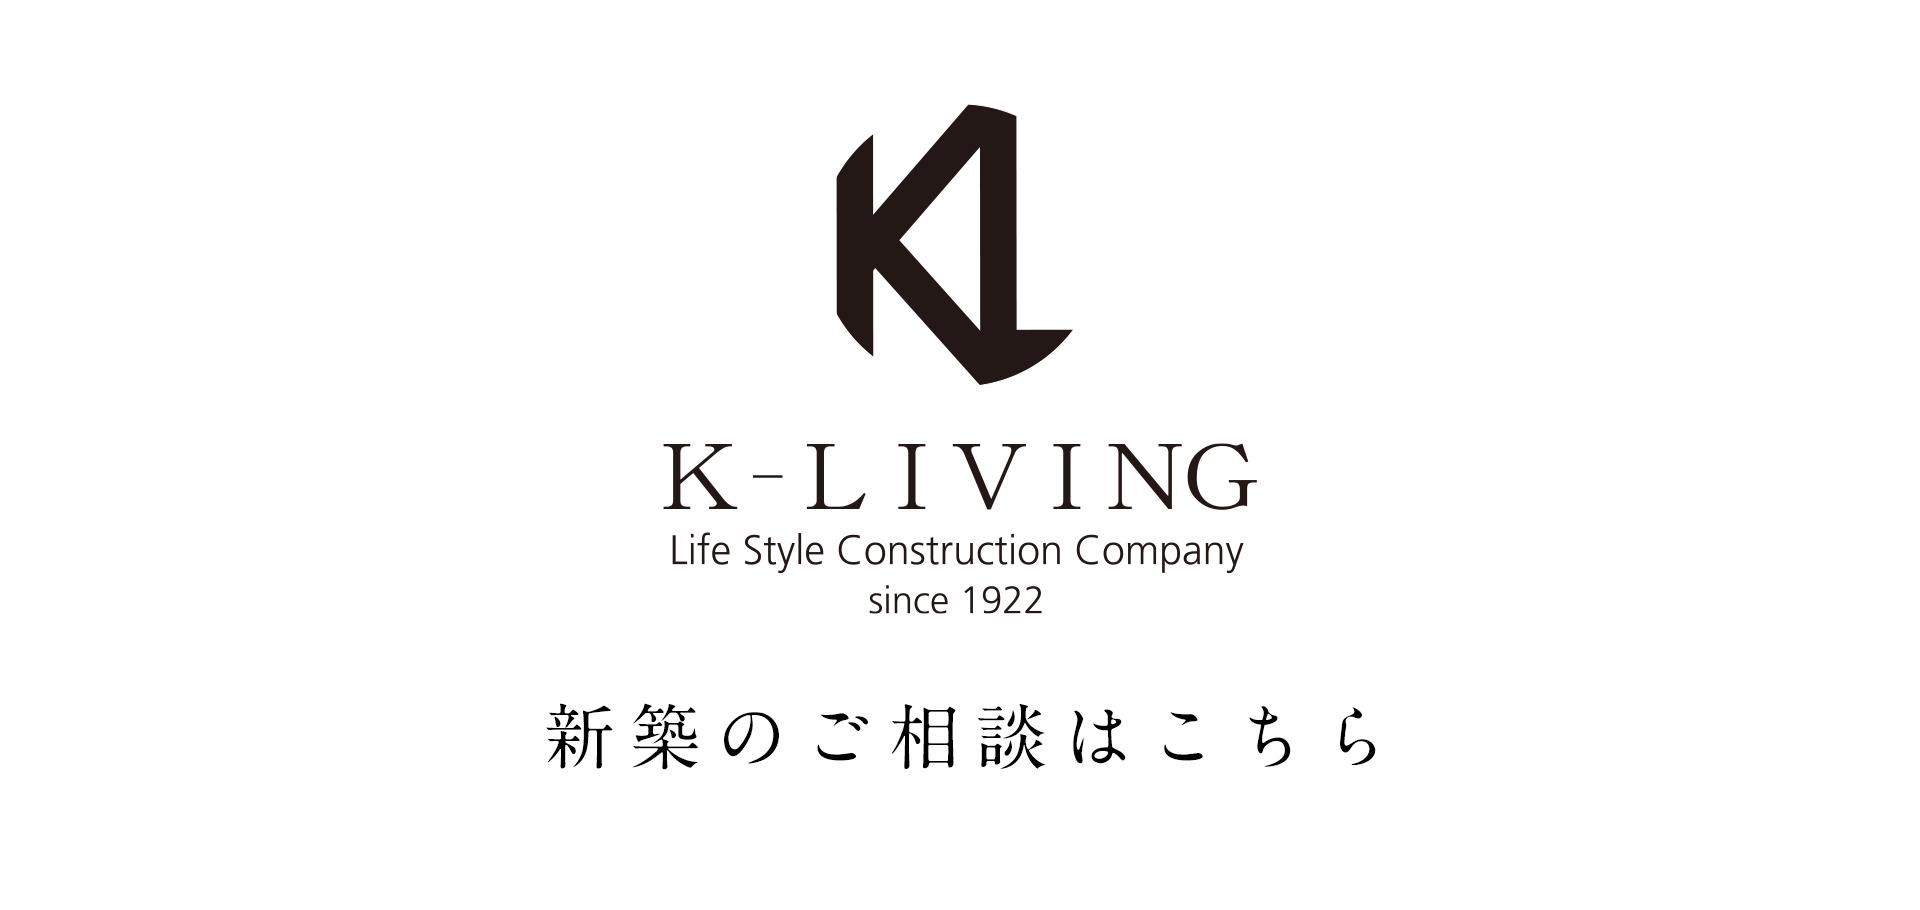 K-LIVING 新築のご相談はこちら